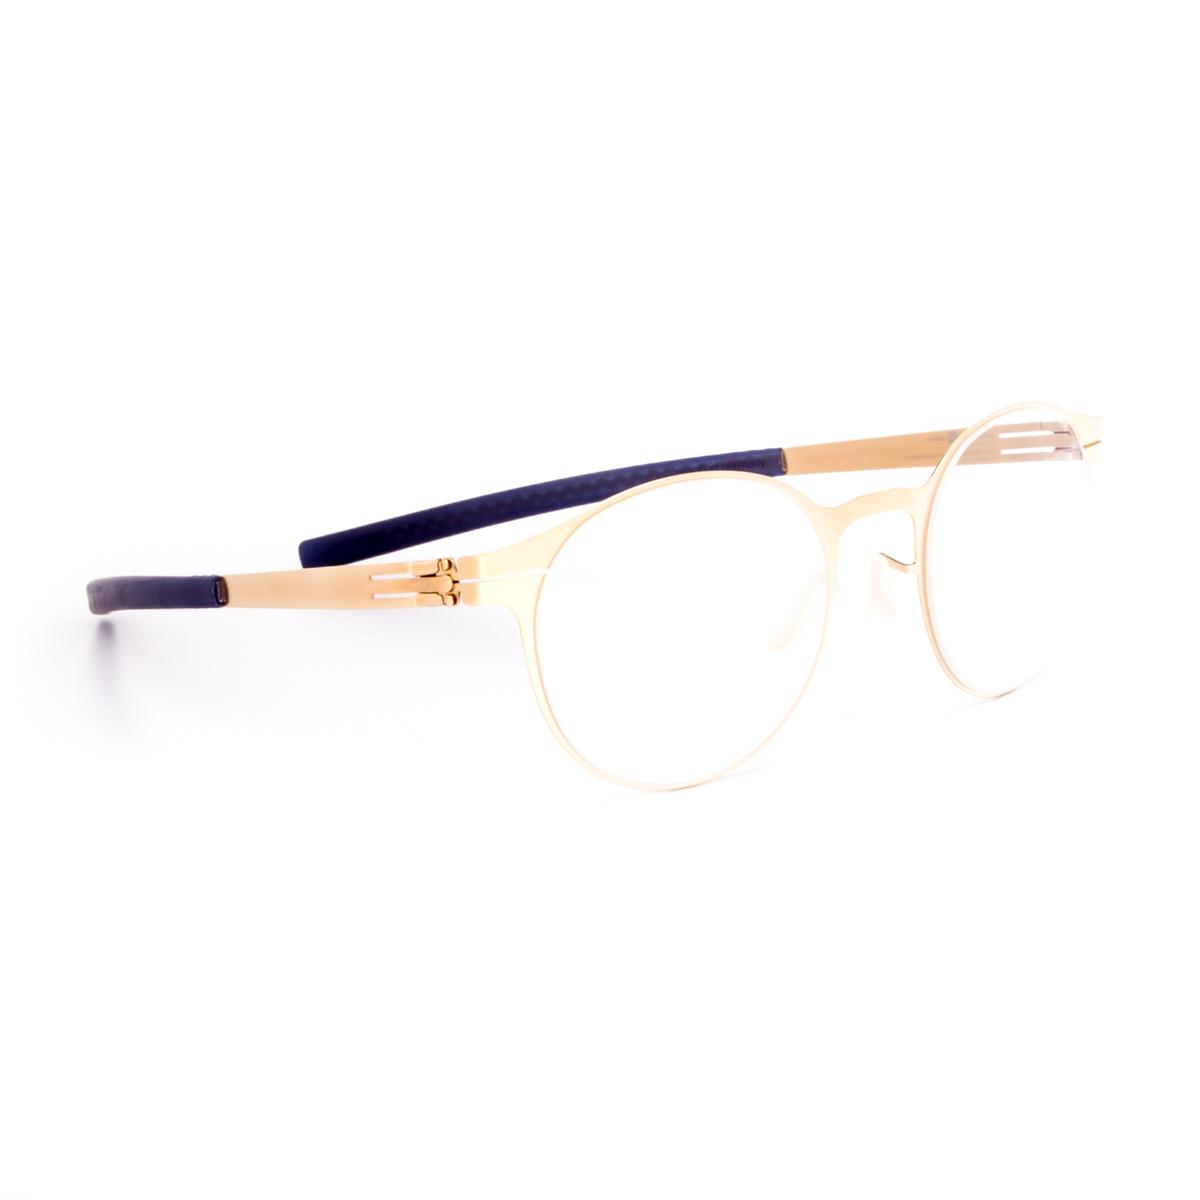 Glasses Frame Ends : ic! Berlin 125 Foxweg Eyeglasses Matte Gold Frame Blue ...